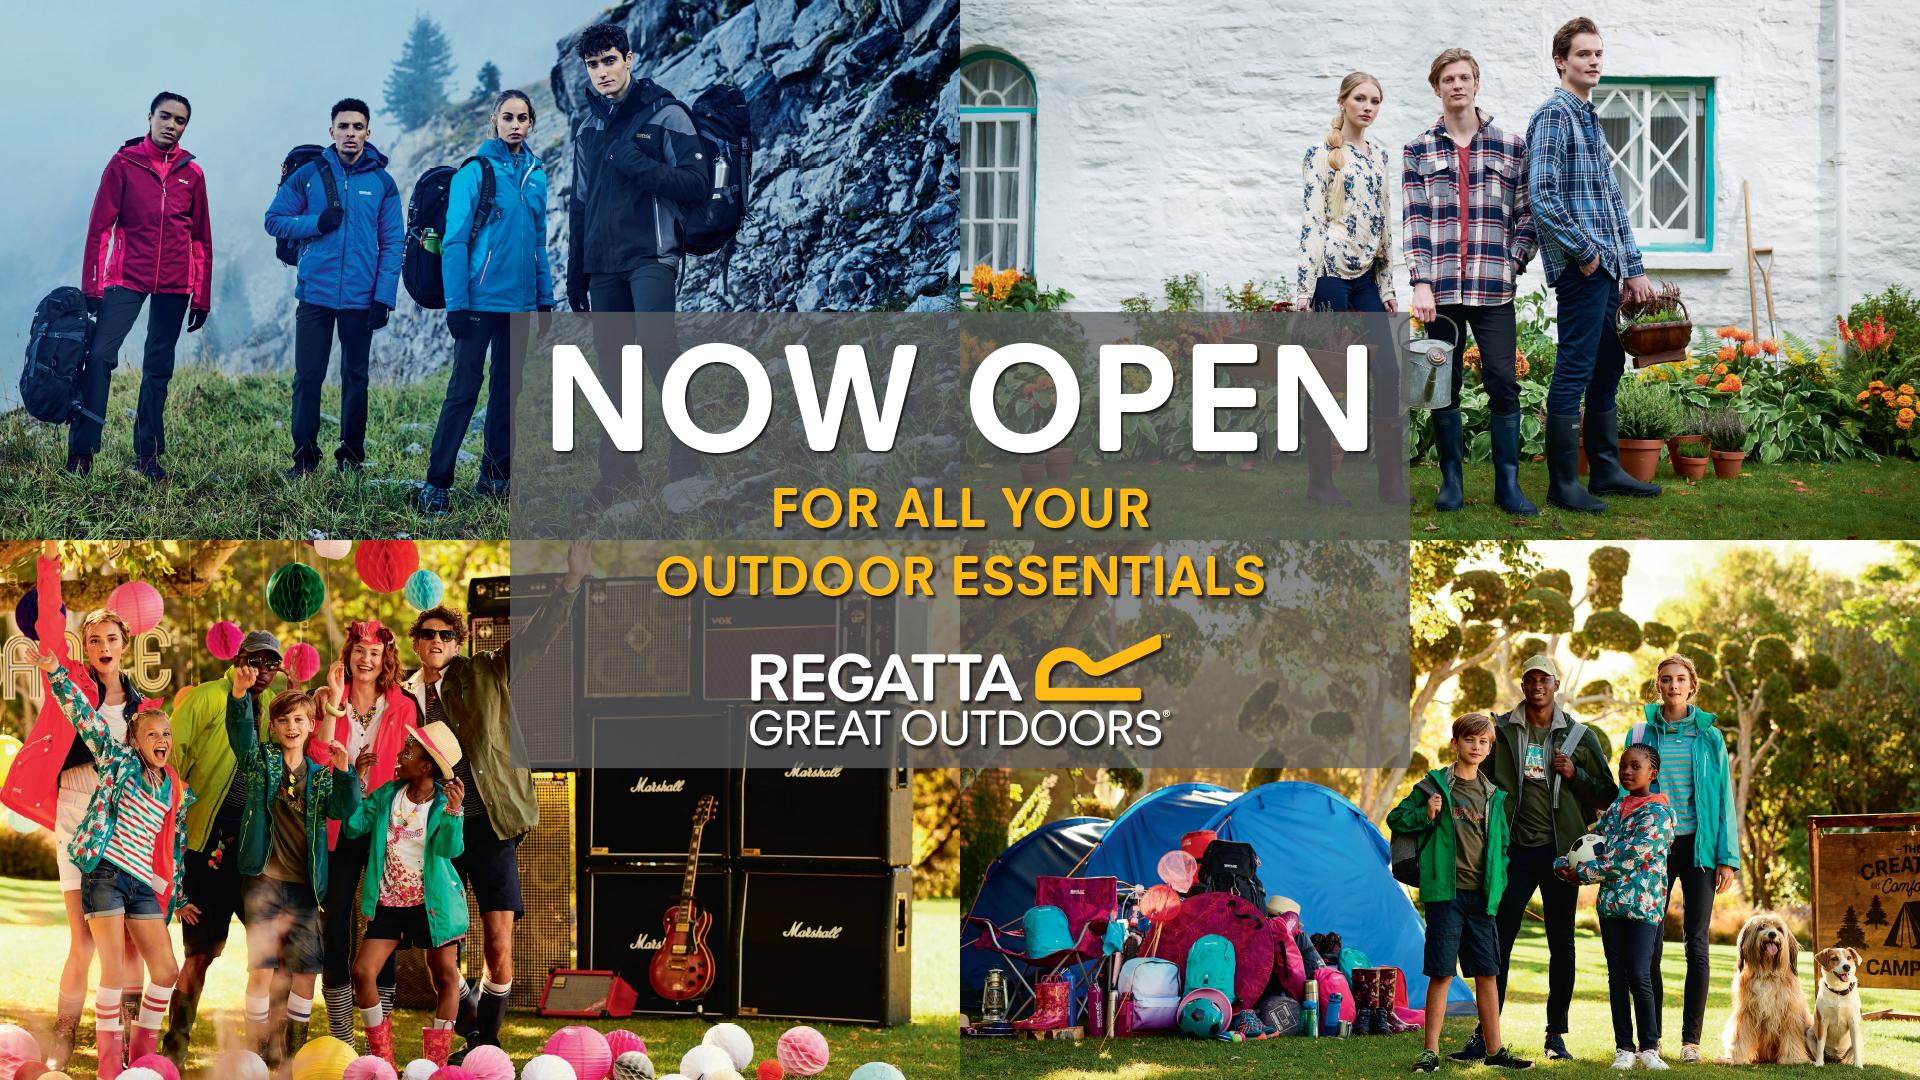 Regatta Stirling Mills banner 1920x1080 Now open.jpg